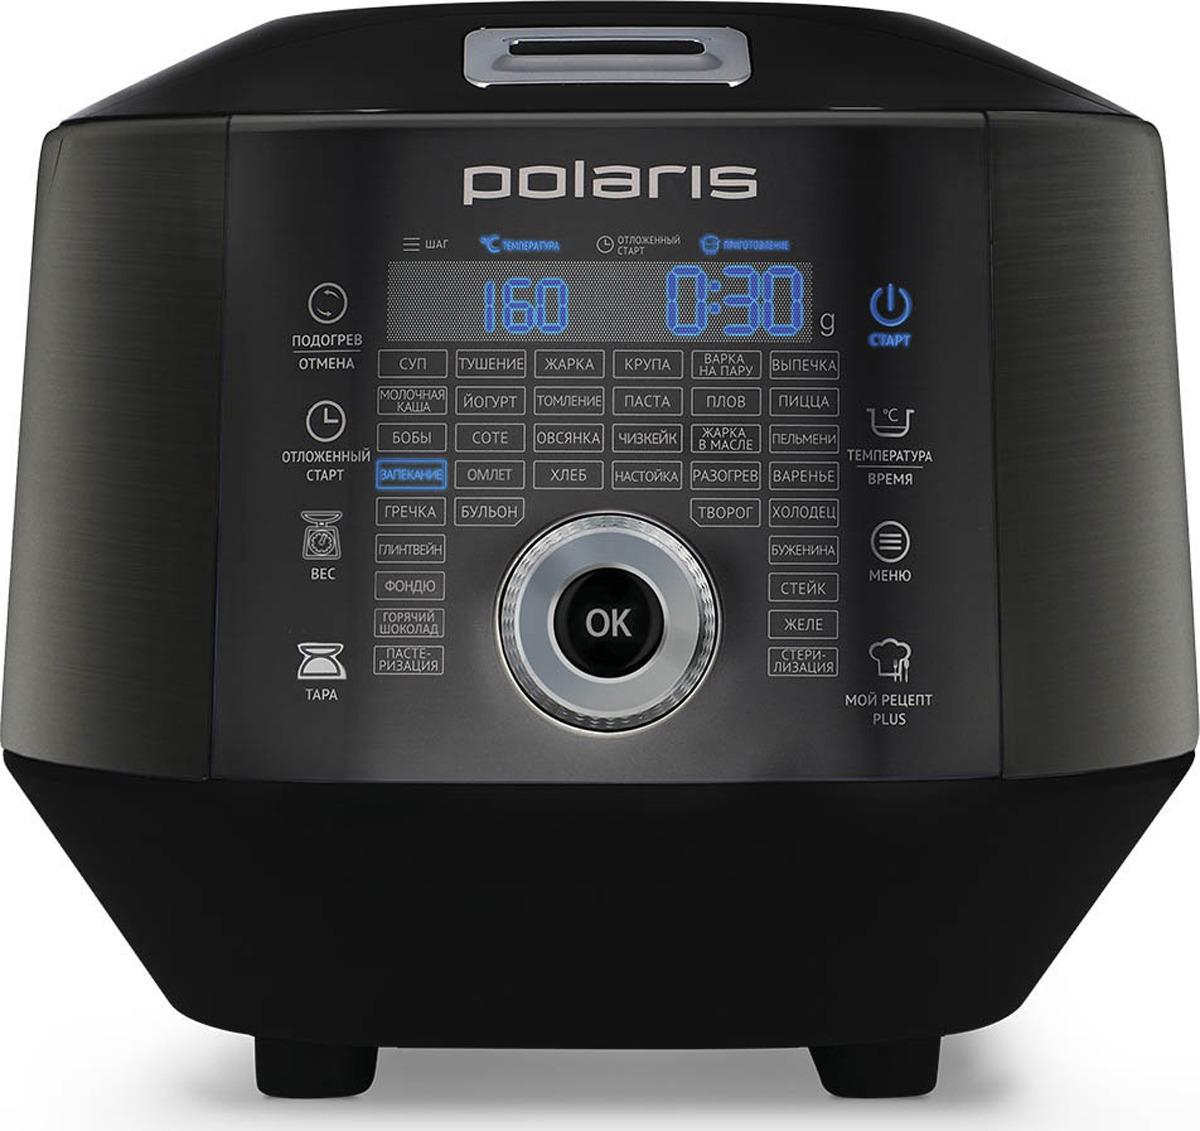 Мультиварка Polaris EVO 0446DS, черный